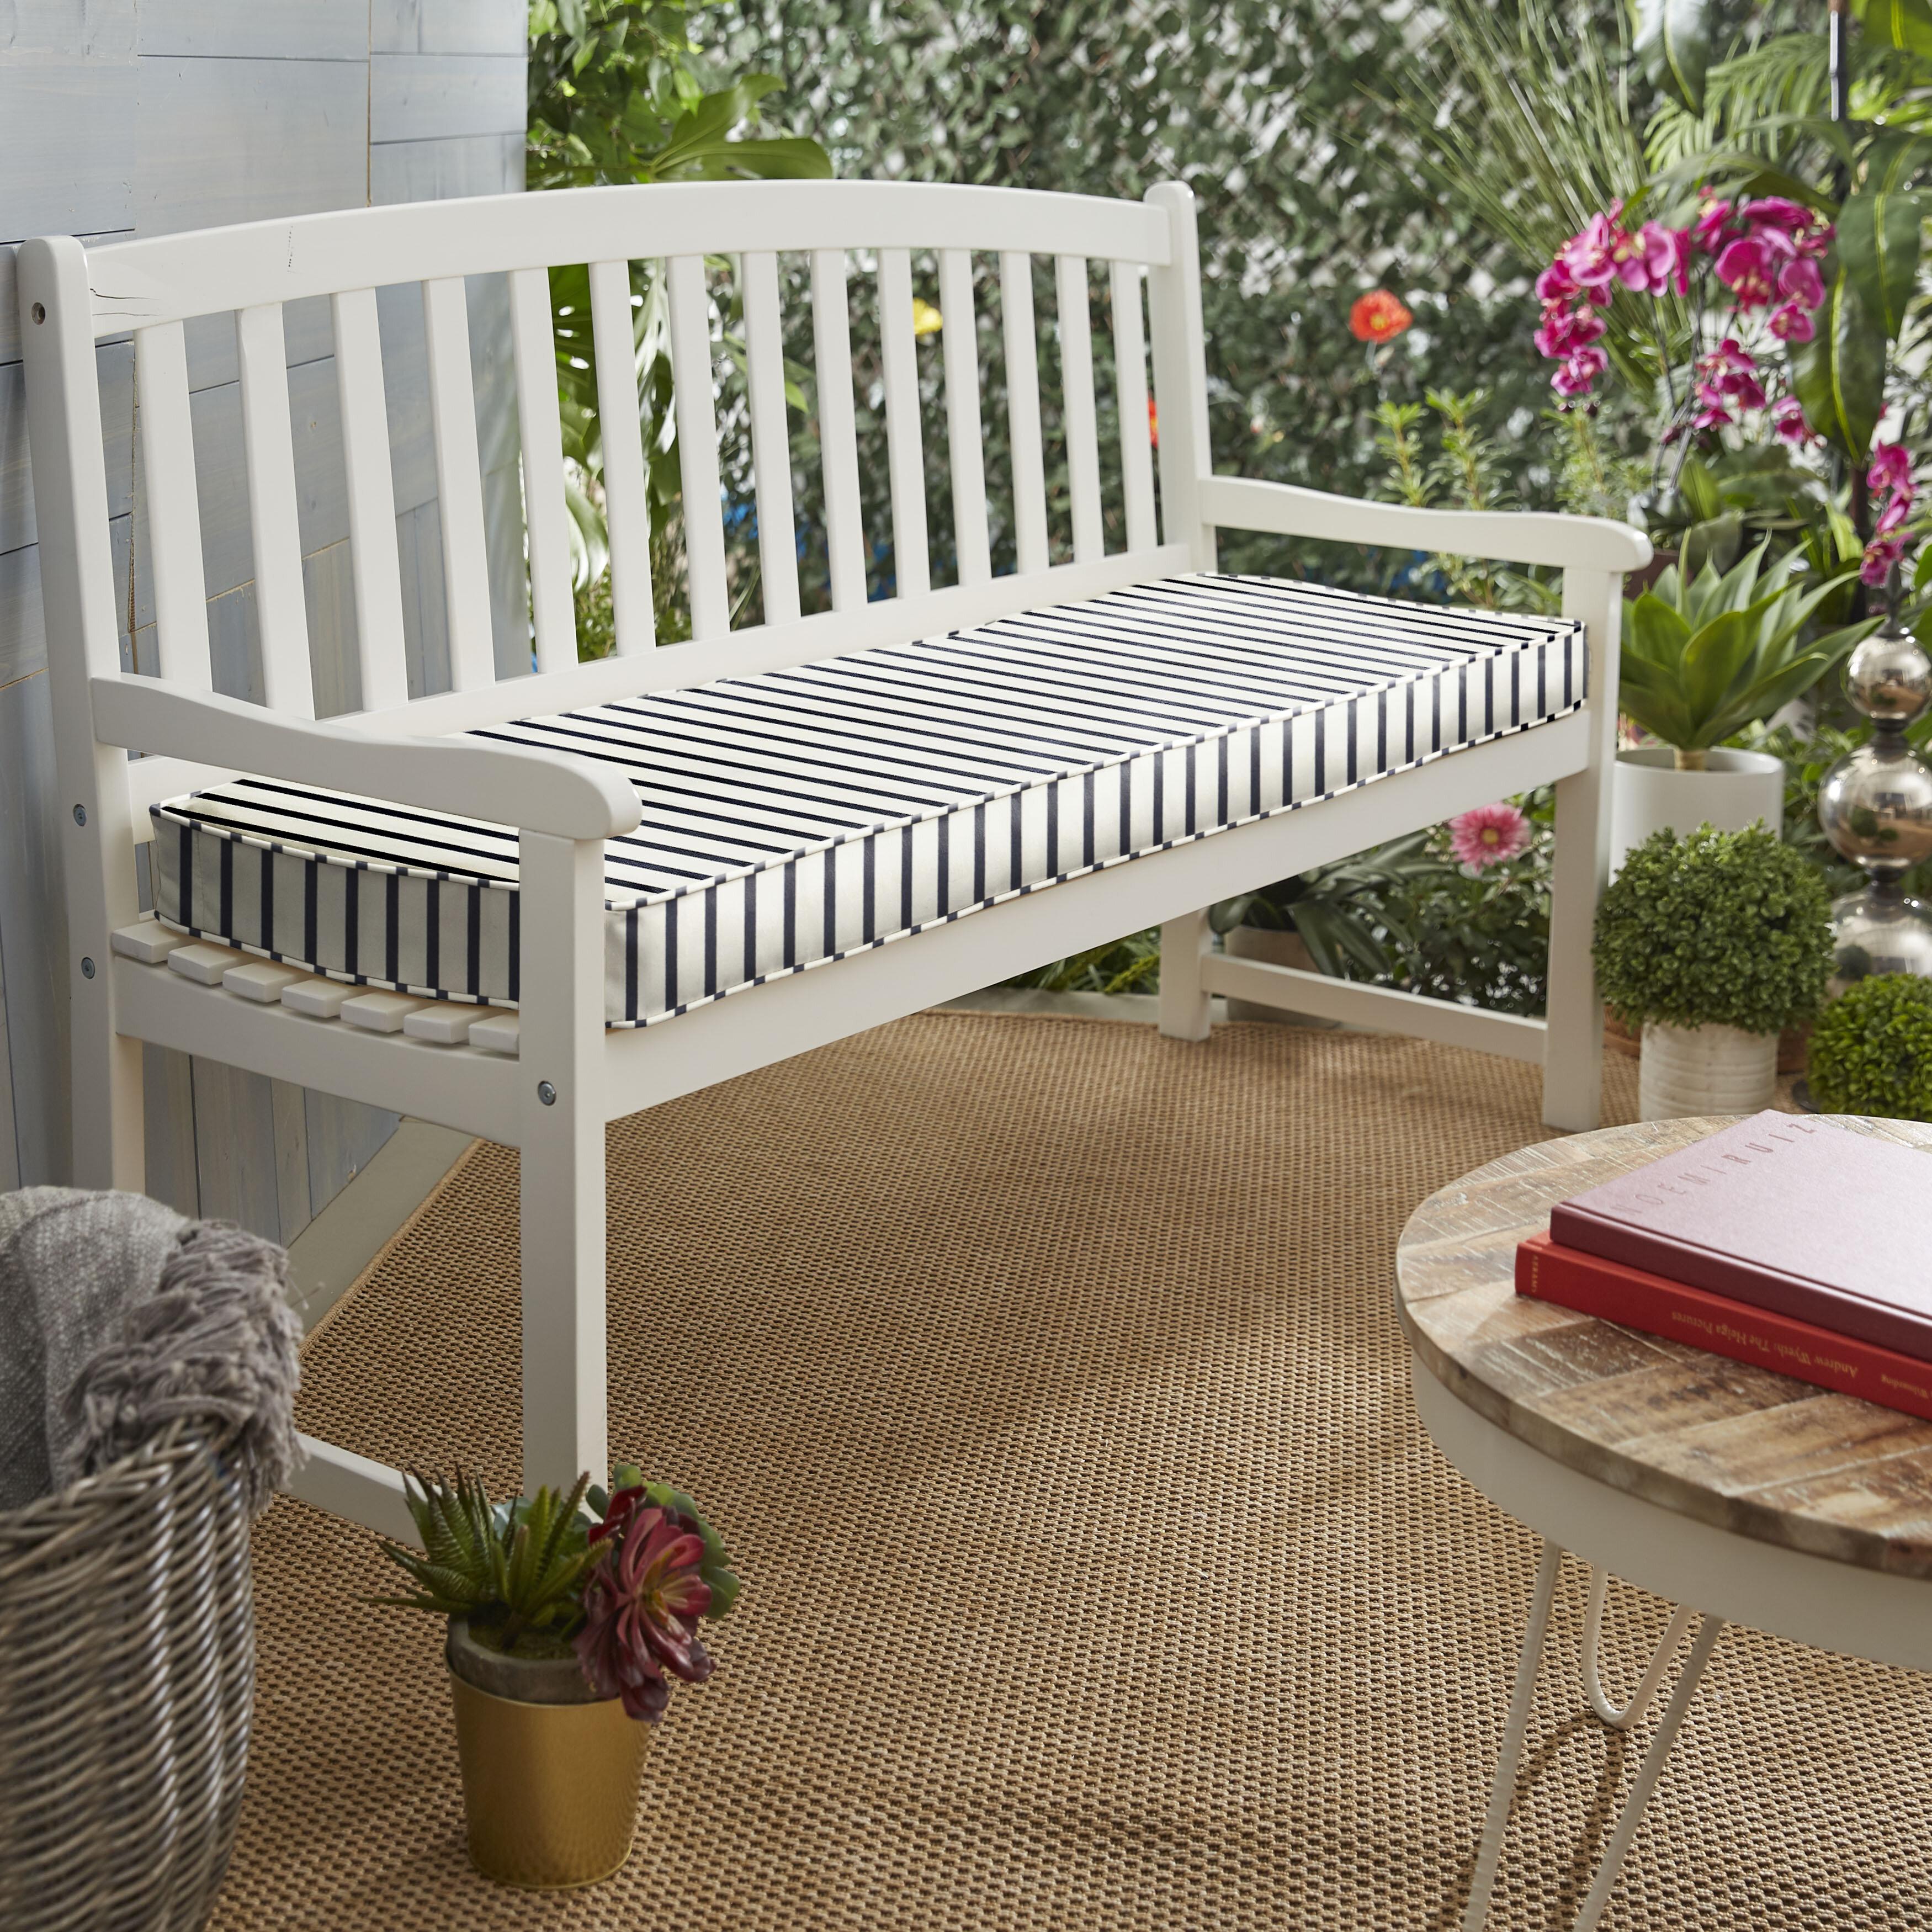 Whitten Stripe Indoor Outdoor Sunbrella Bench Cushion Reviews Joss Main